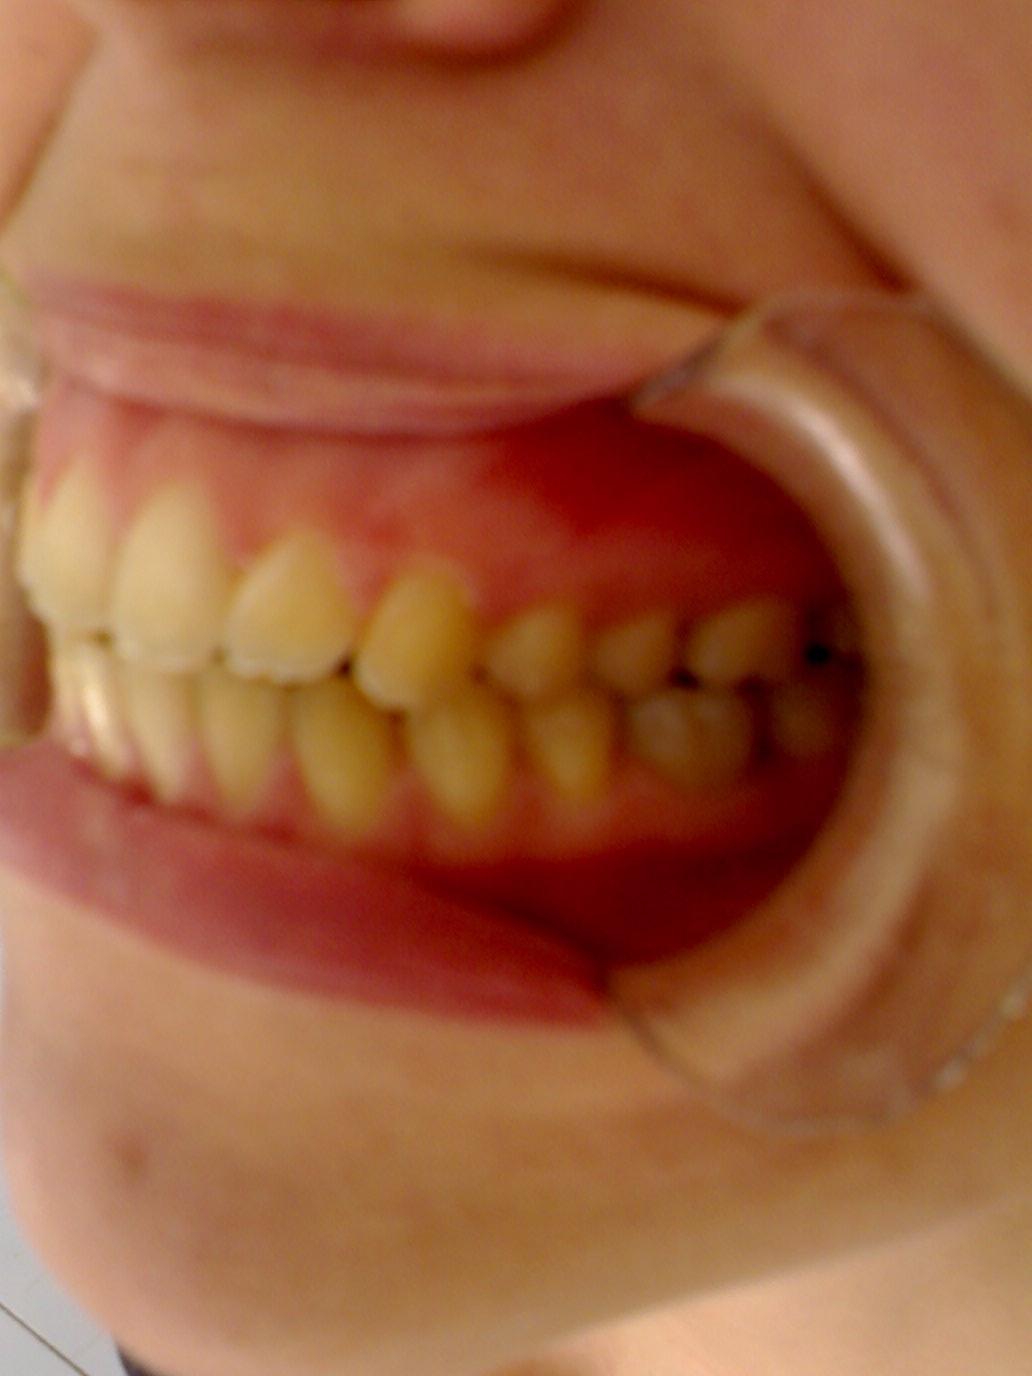 E' il caso che tolga 4 denti?